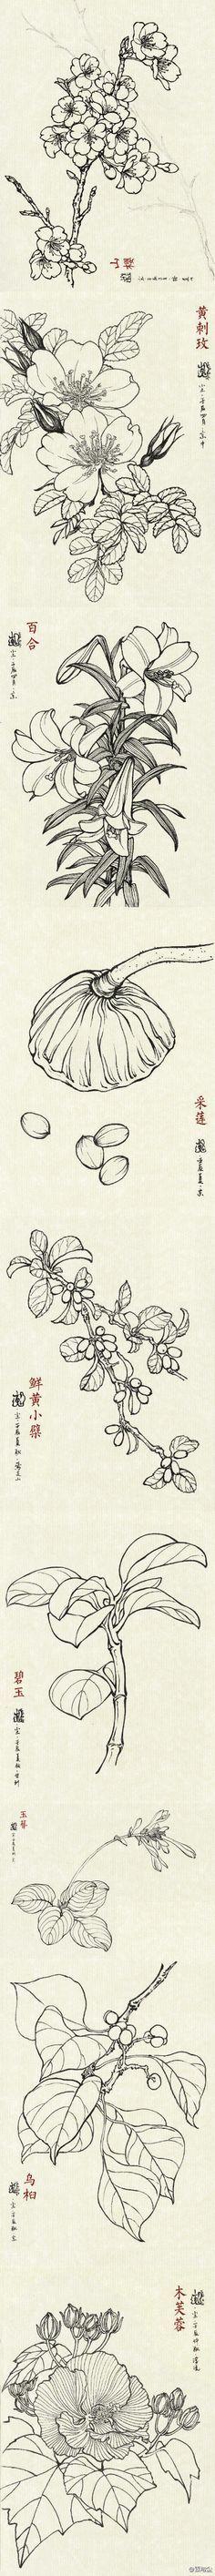 手绘。铅笔,黑白。花卉。绘画。